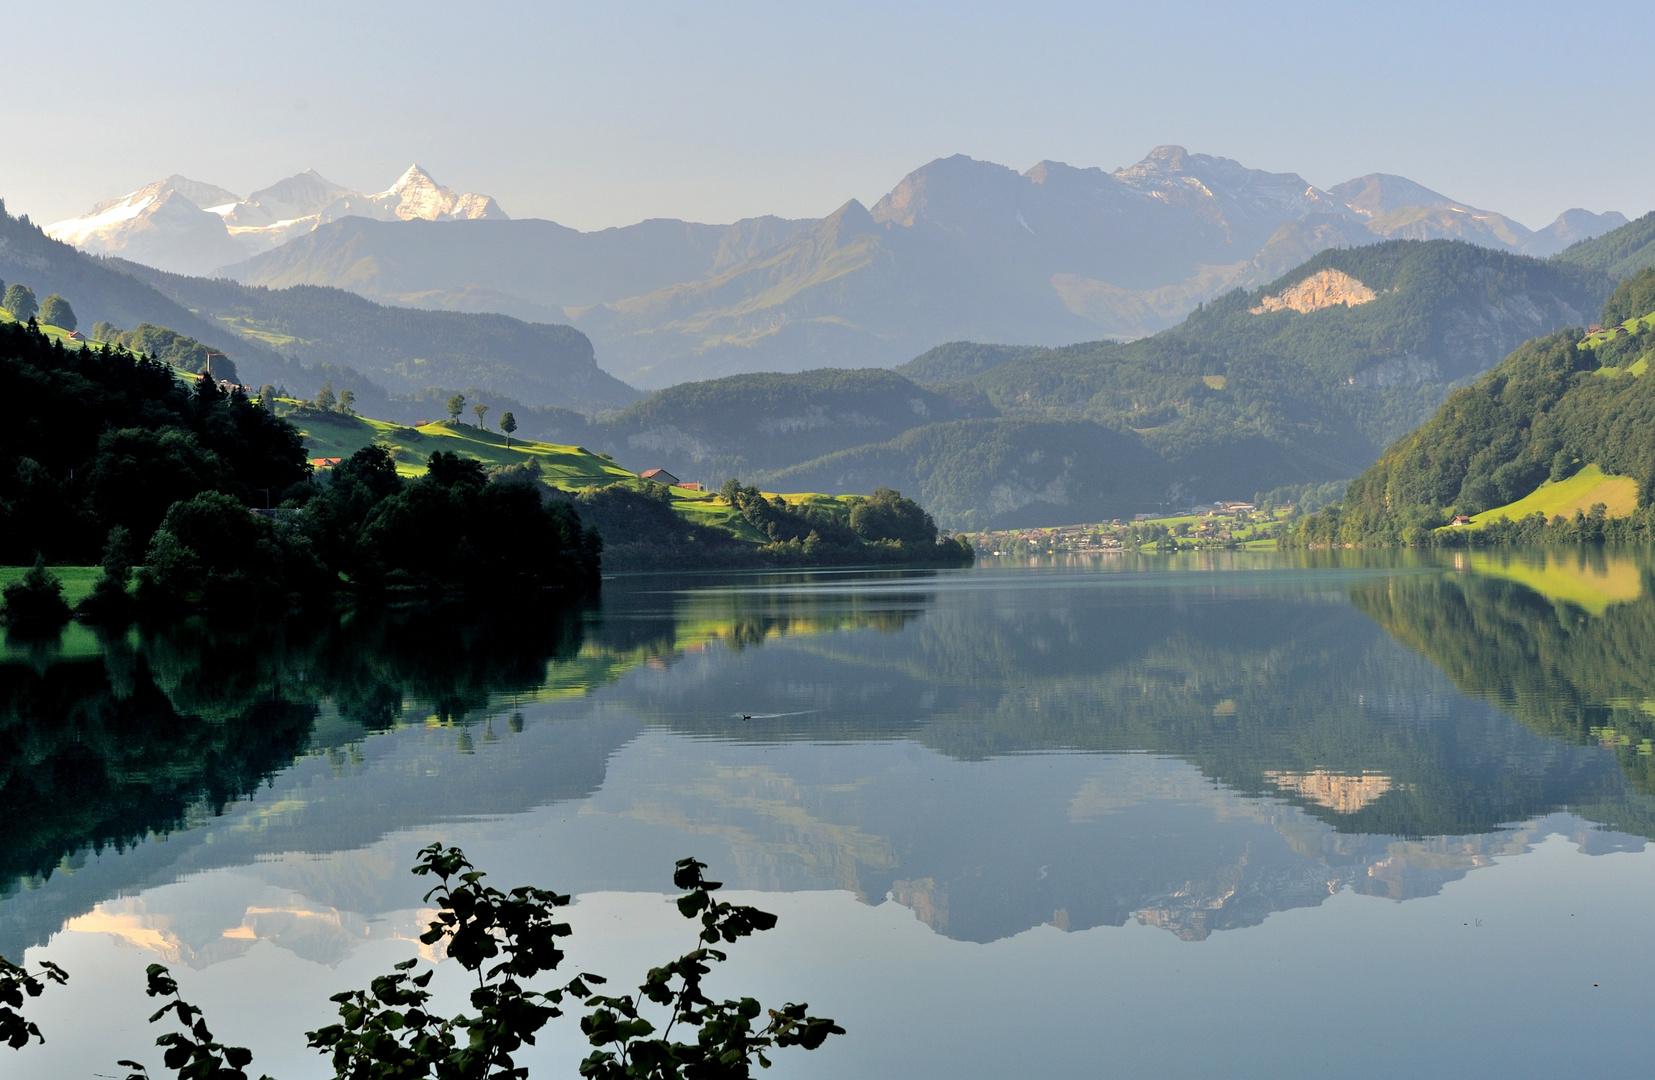 Un matin, le lac de Lungern et les Alpes bernoises ...